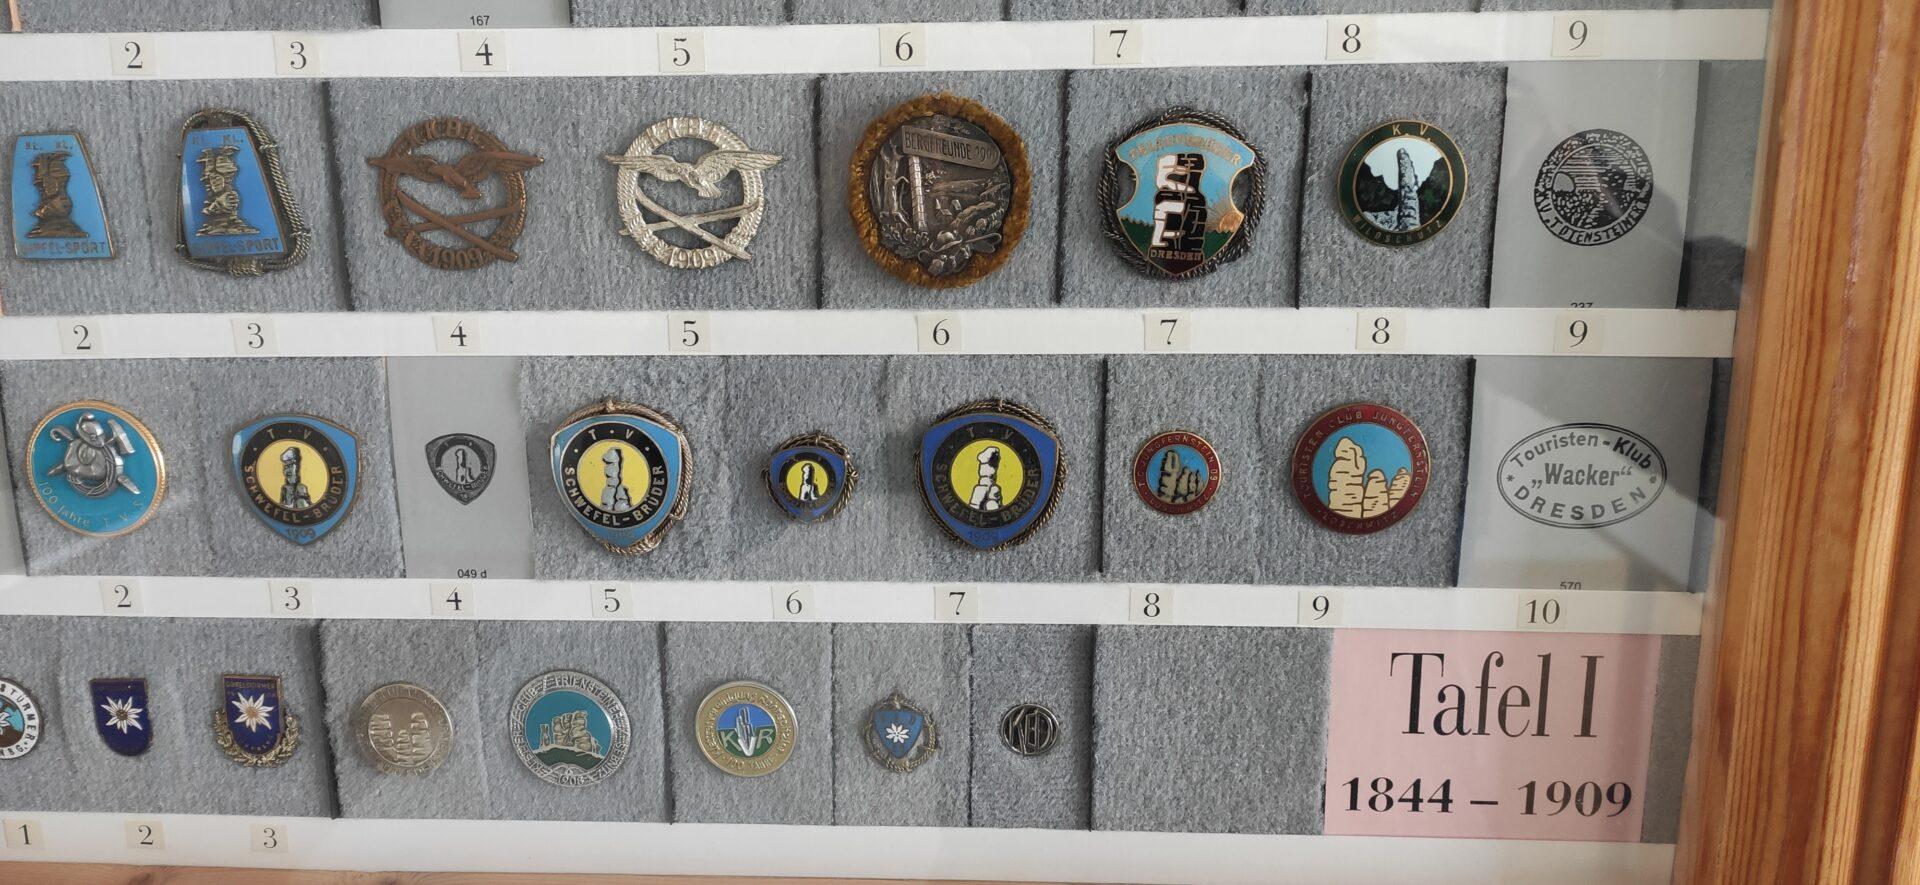 23 Abzeichen der Tafel I von 1844 - 1909